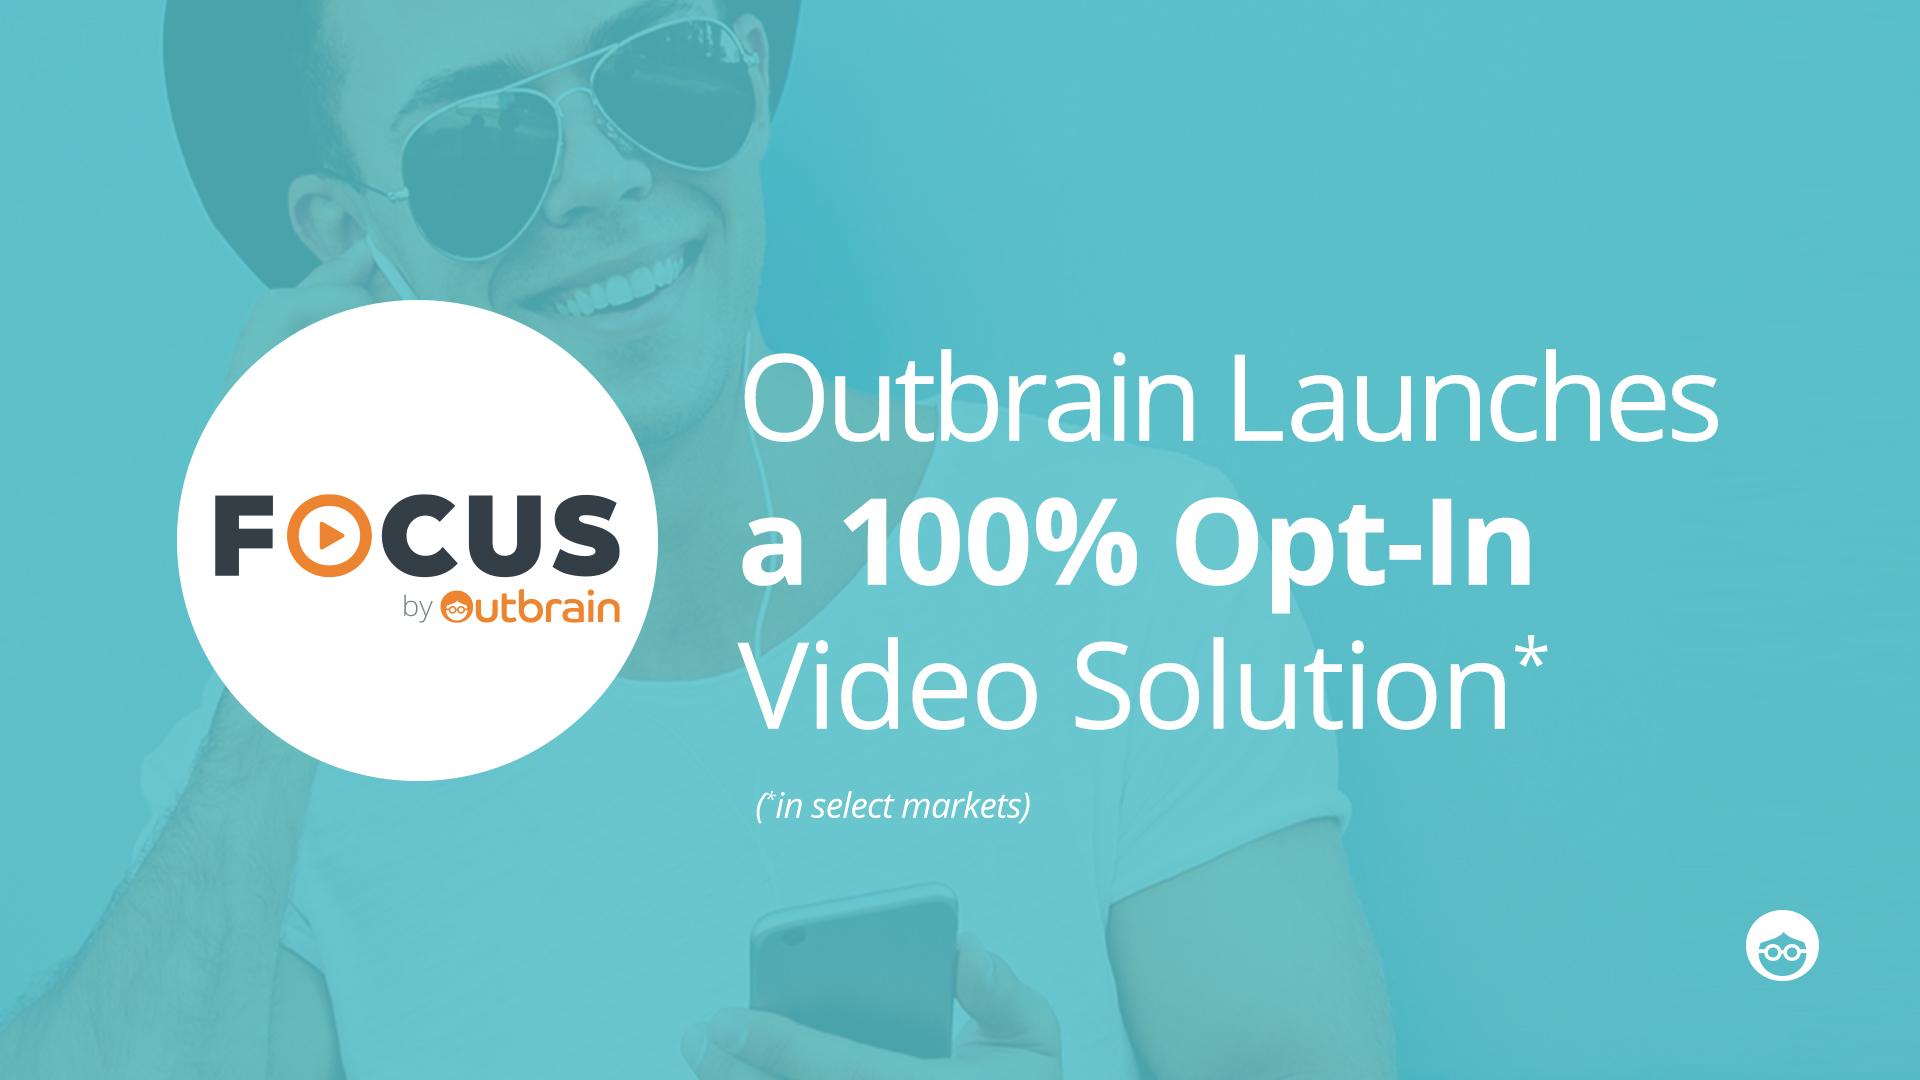 Outbrain Focus